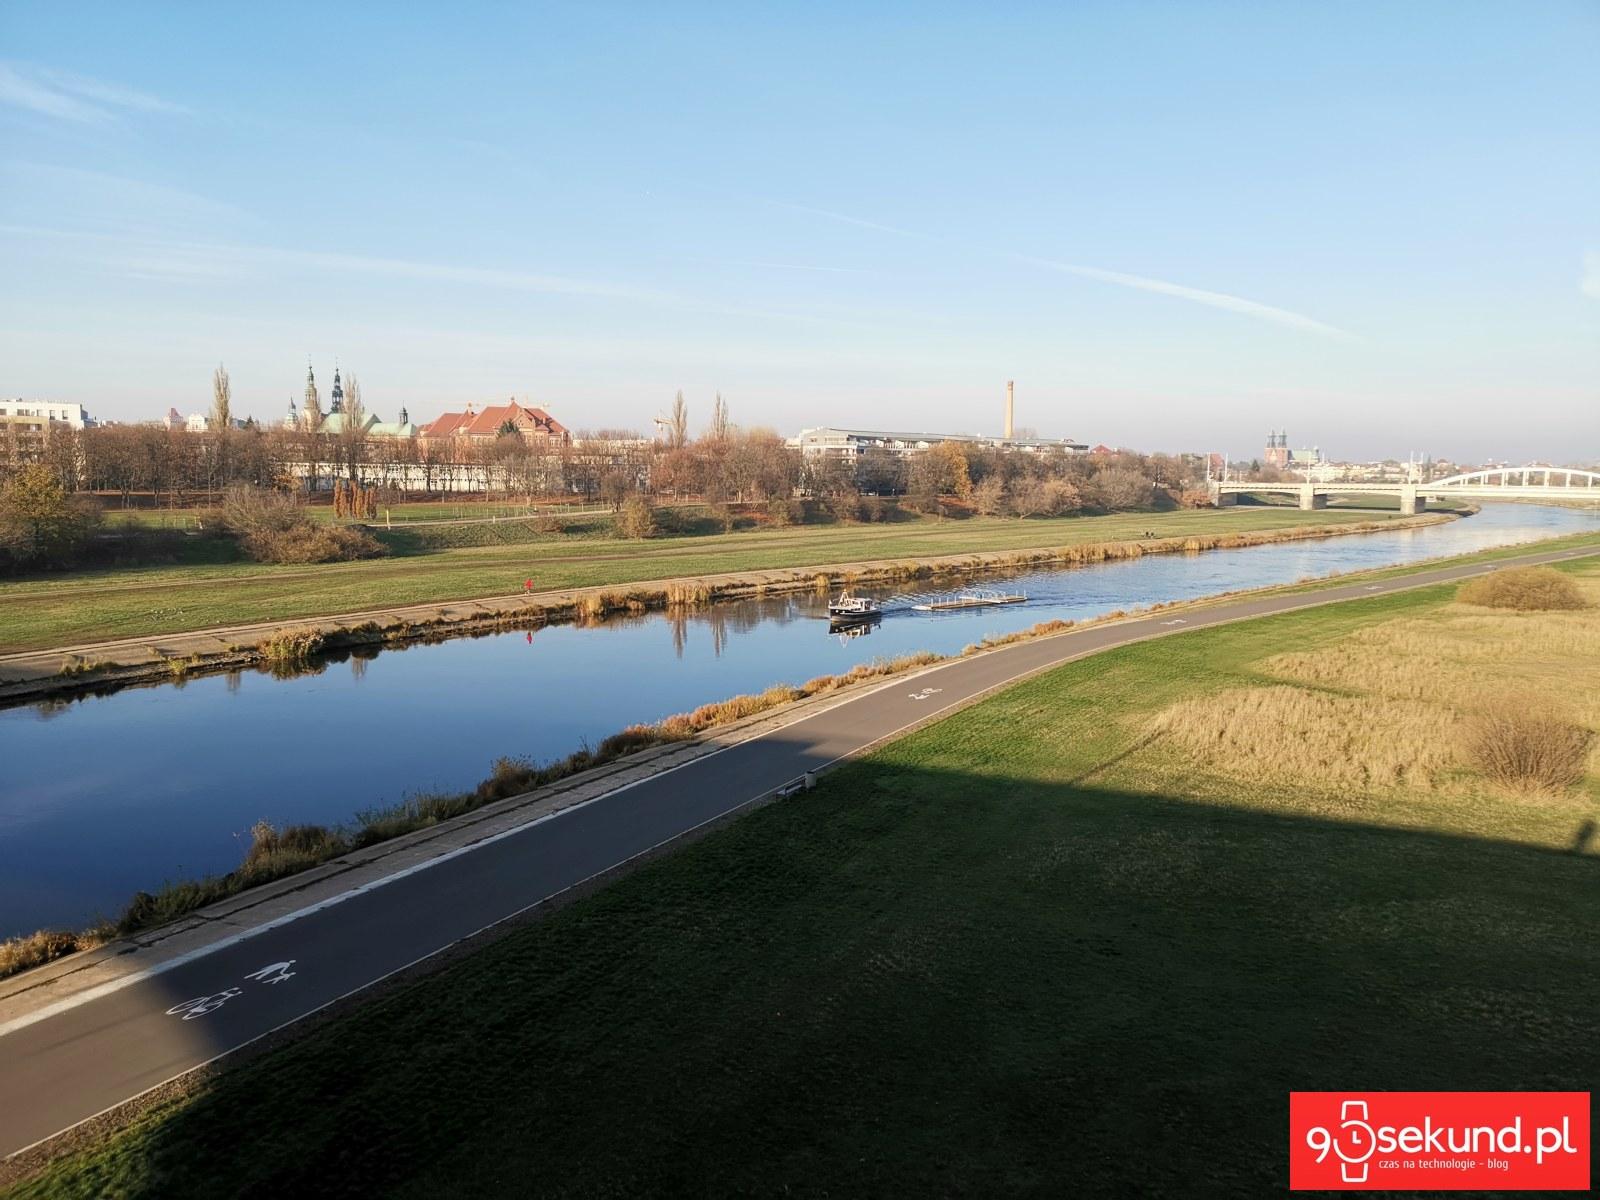 Zdjęcie wykonane Huawei Mate 20 Pro - Michał Brożyński - 90sekund.pl